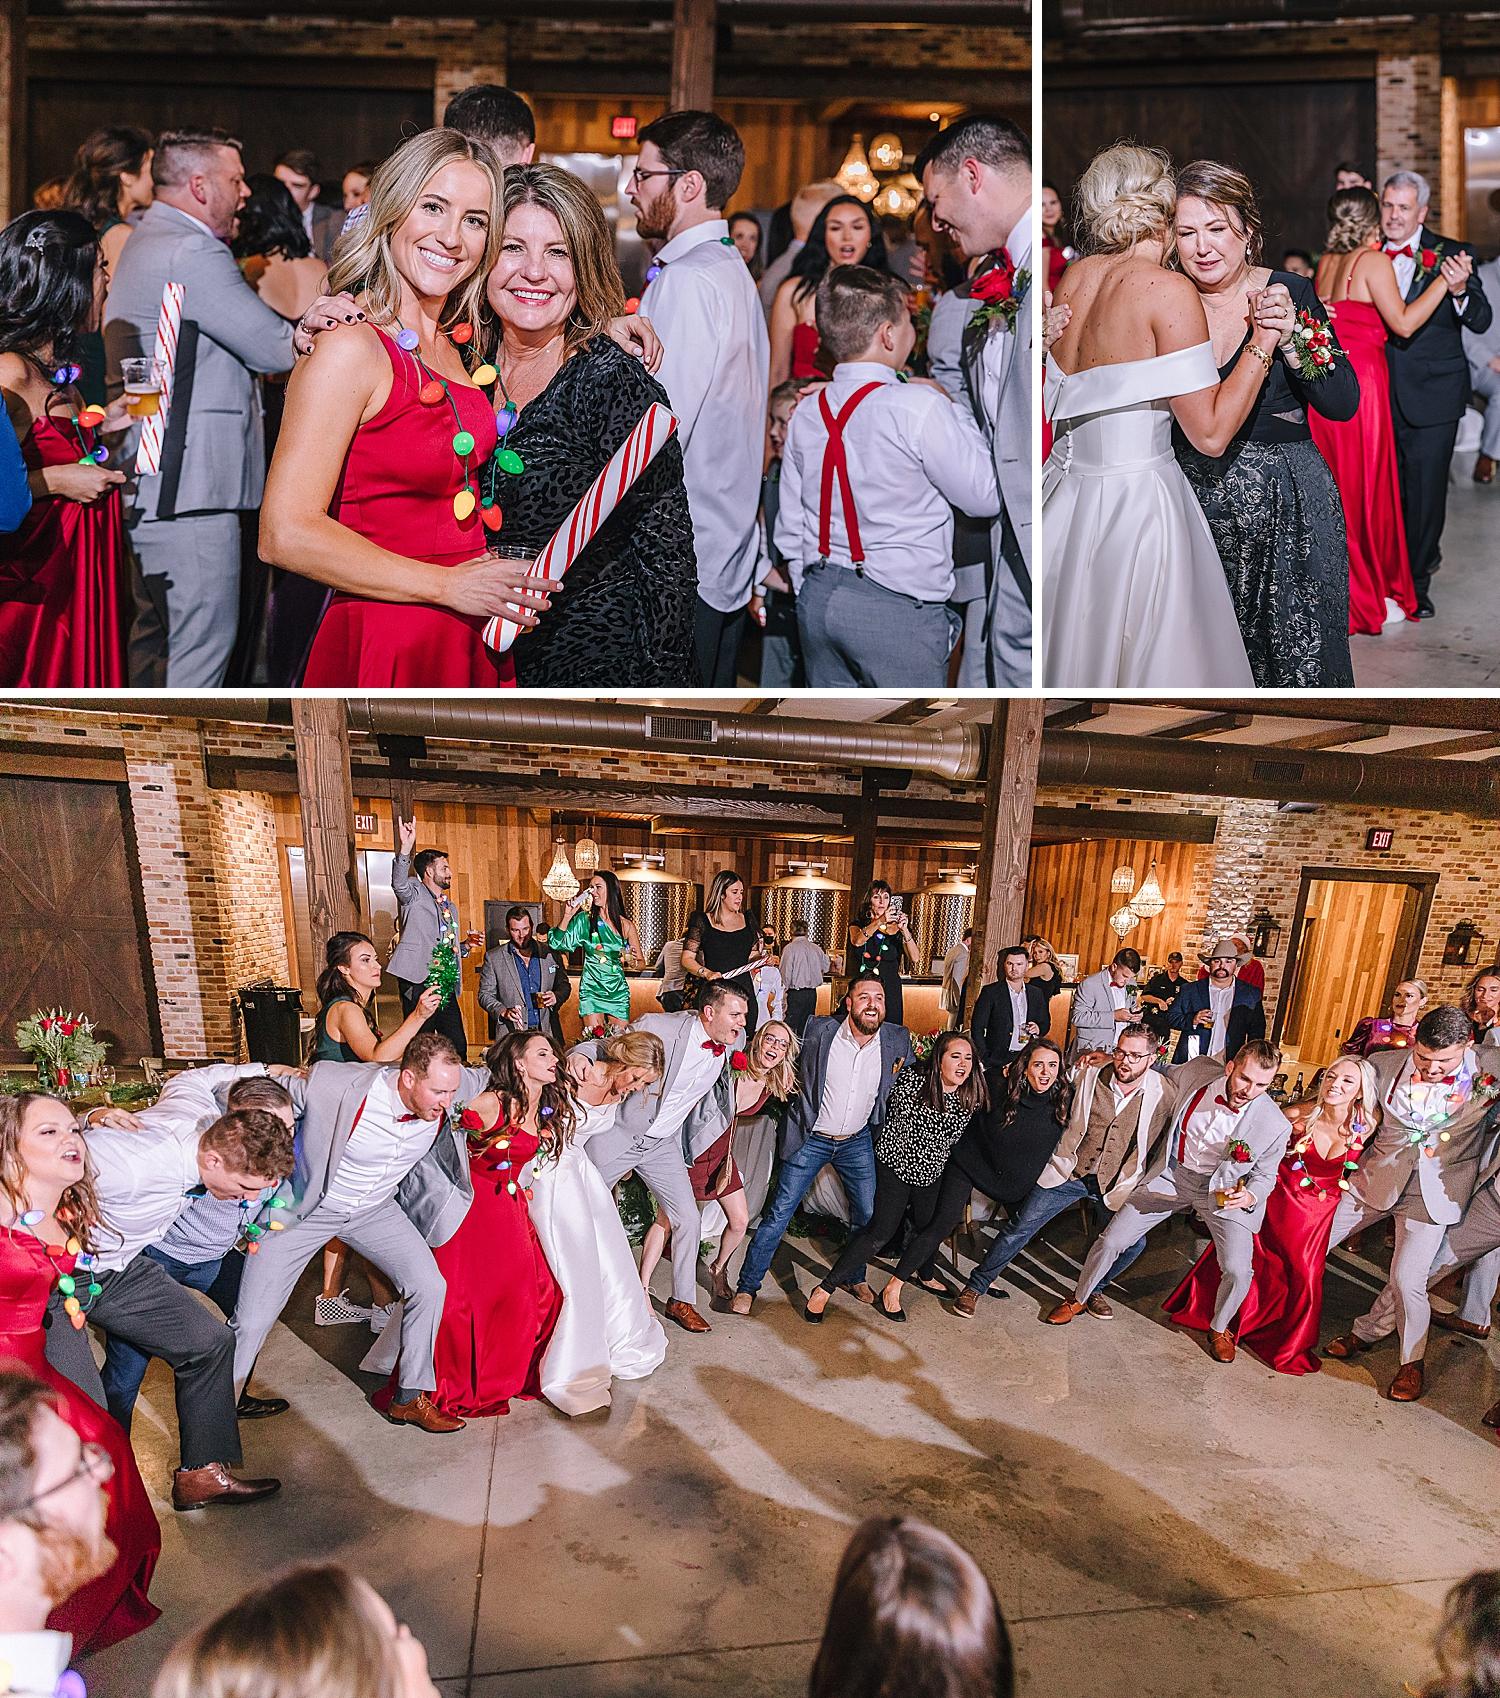 College-Station-Aggie-Wedding-The-Weinberg-at-Wixon-Valley-Christmas-Hallmark-Wedding_0134.jpg